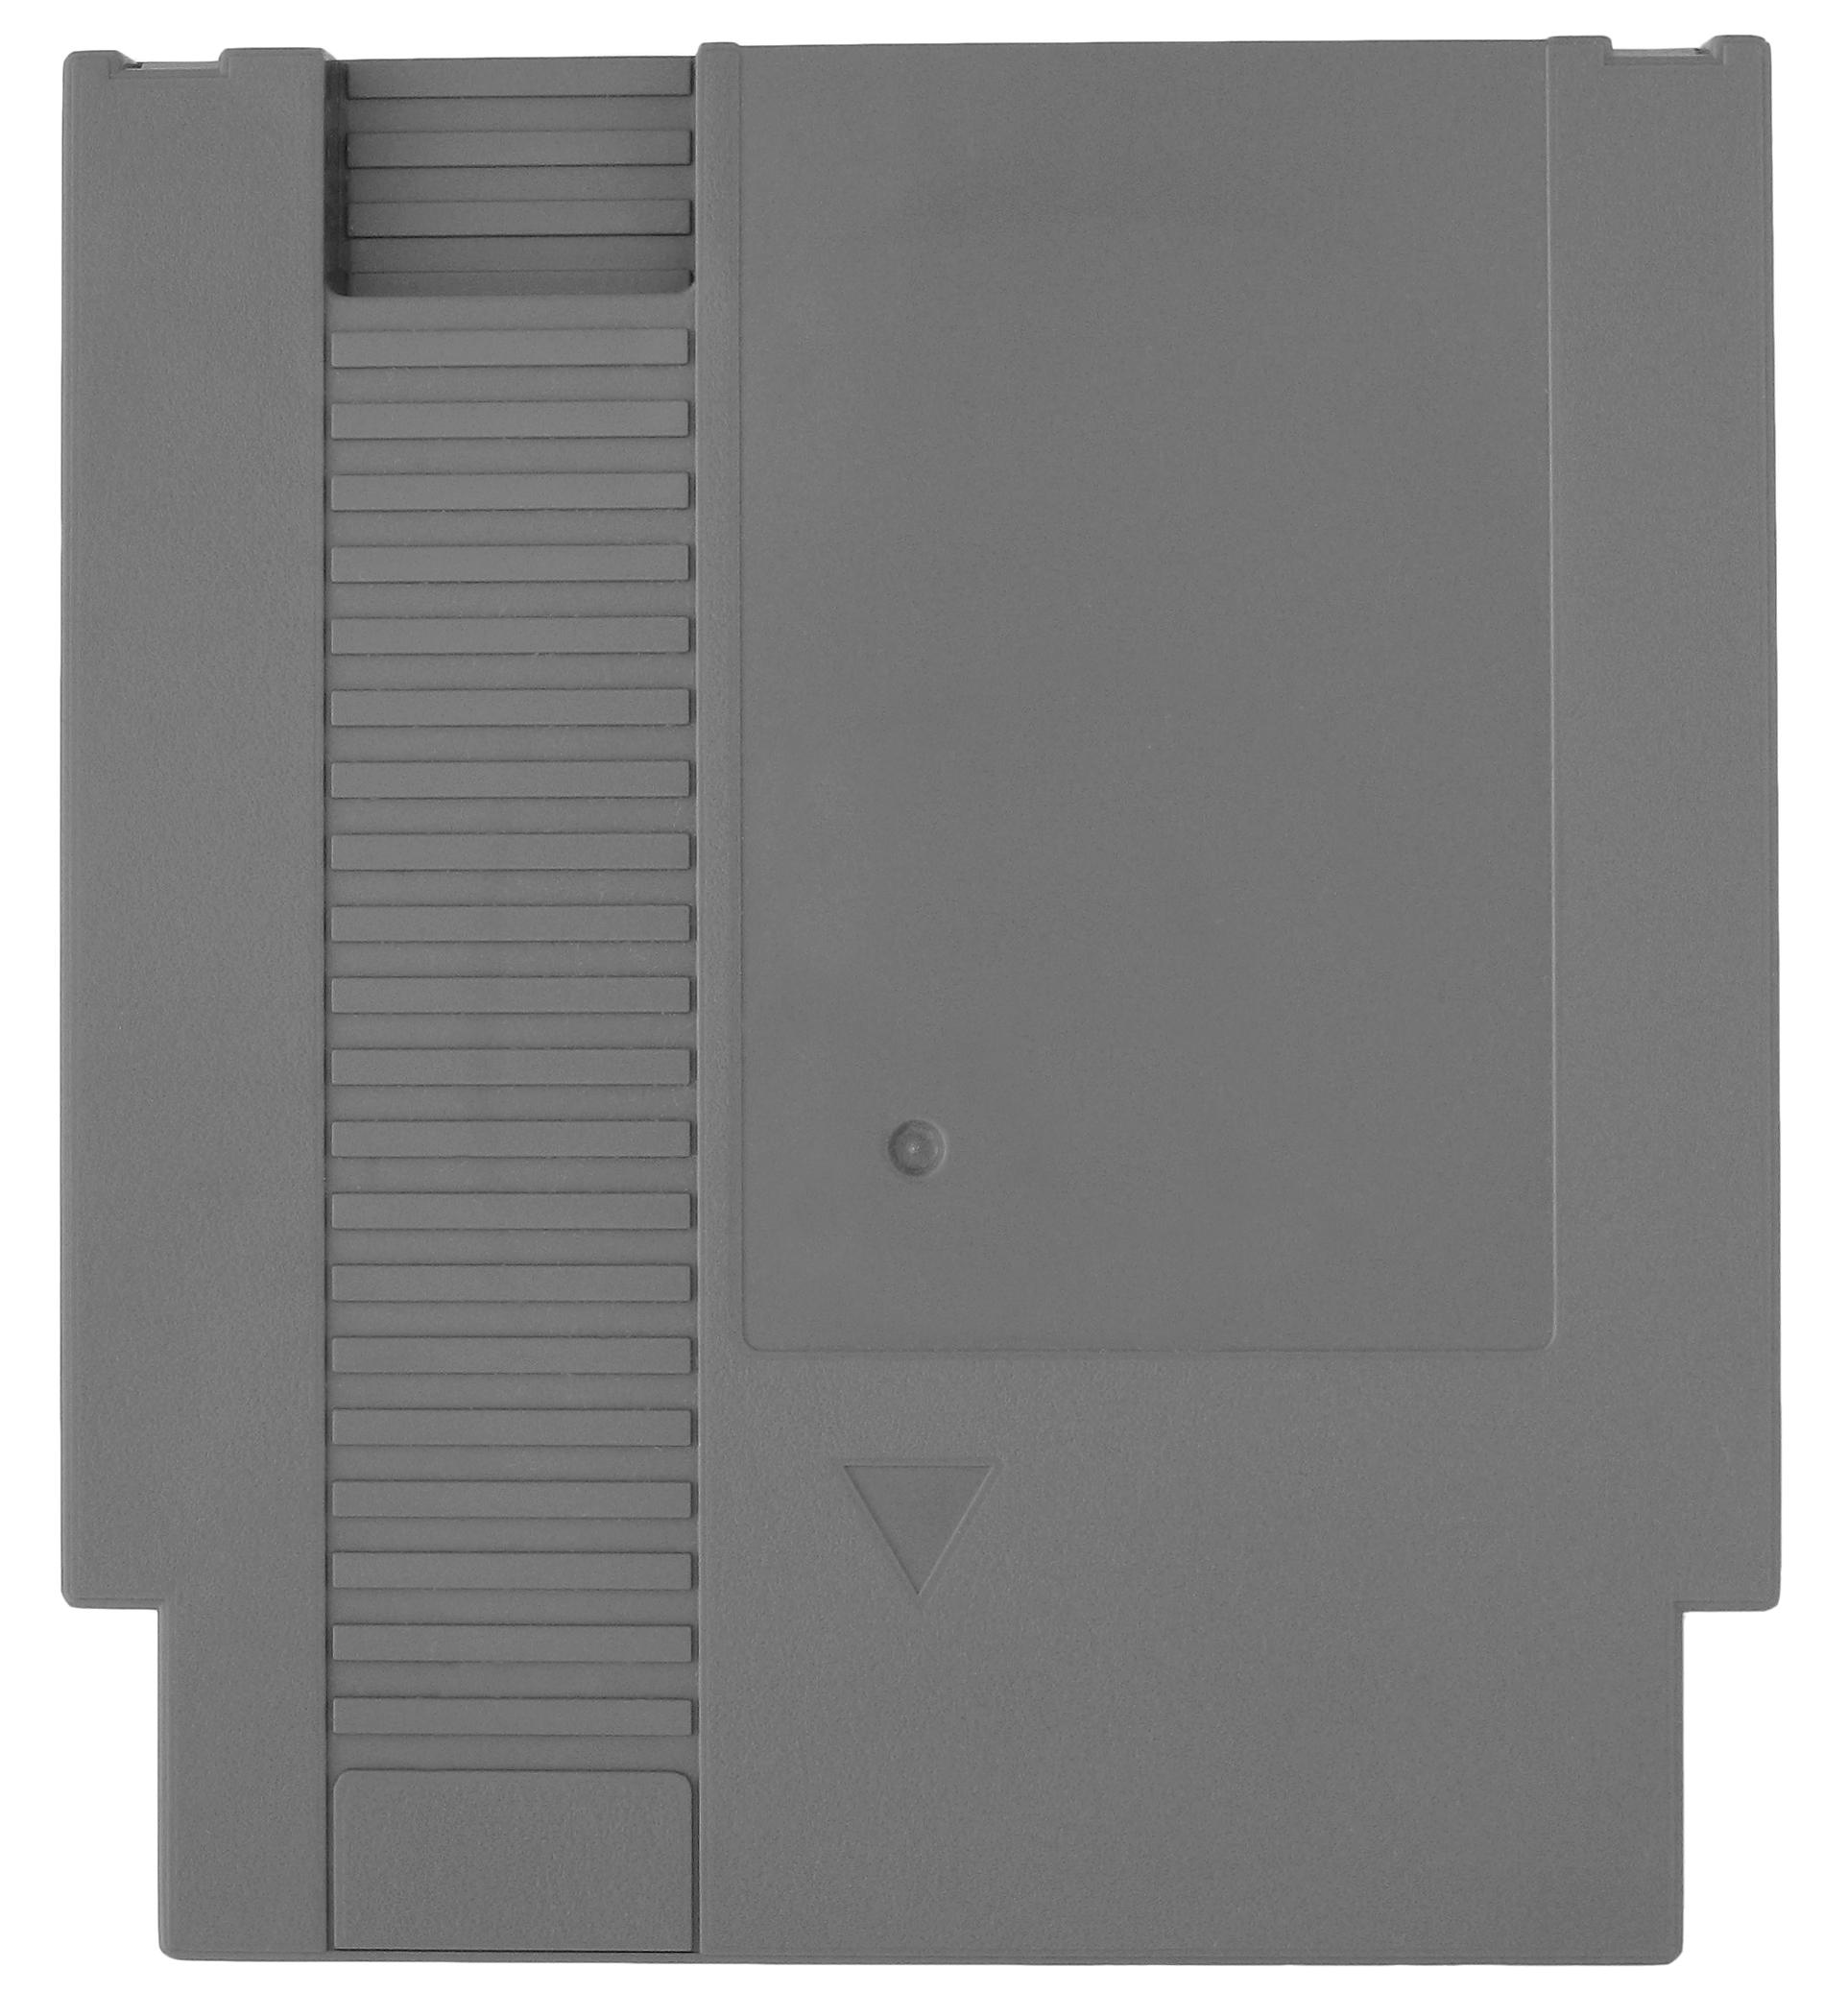 NES Gioco misterioso Cover